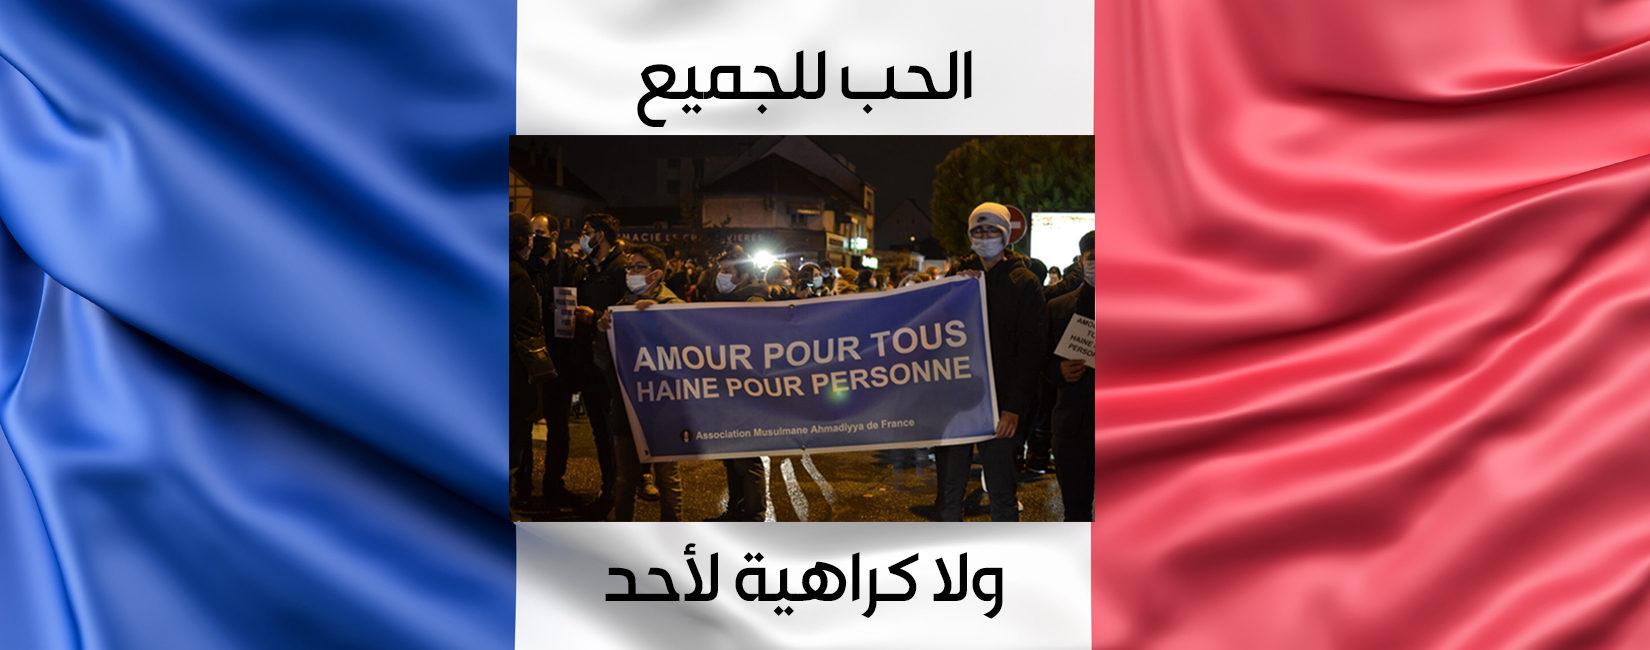 الإرهاب في فرنسا و